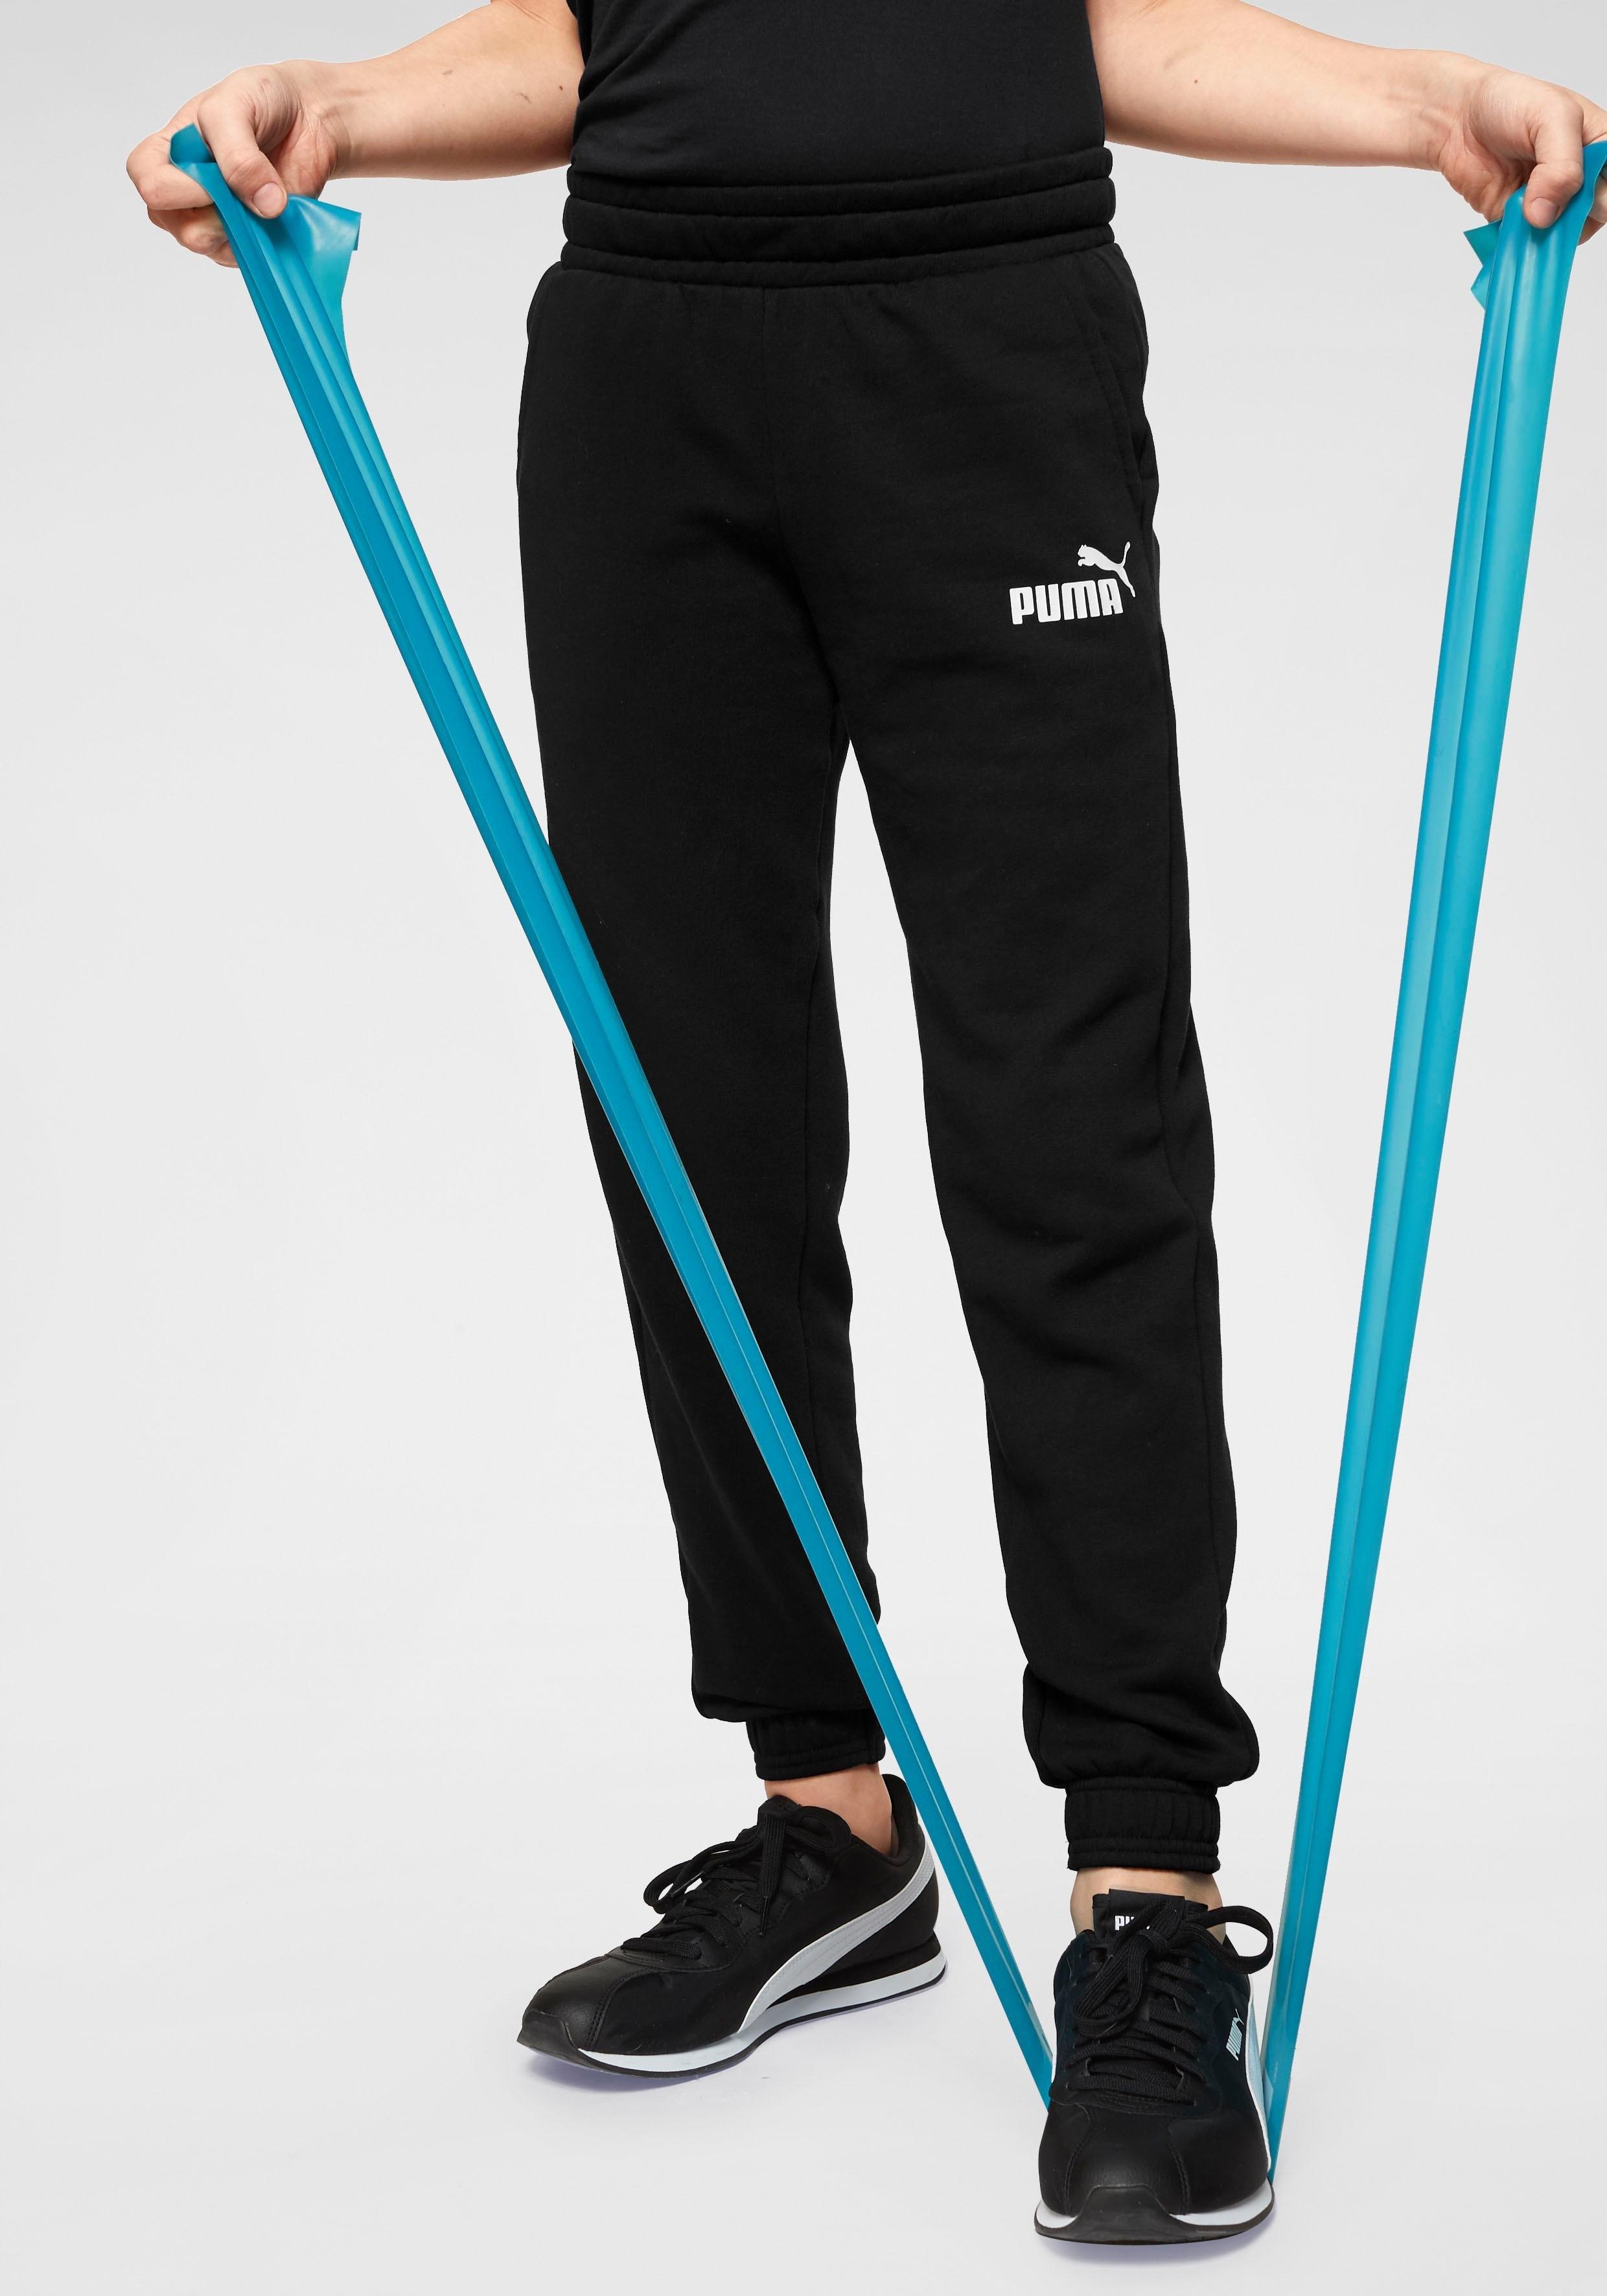 PUMA joggingbroek »ESSENTIAL LOGO SWEAT PANTS TR CL BOYS« goedkoop op otto.nl kopen